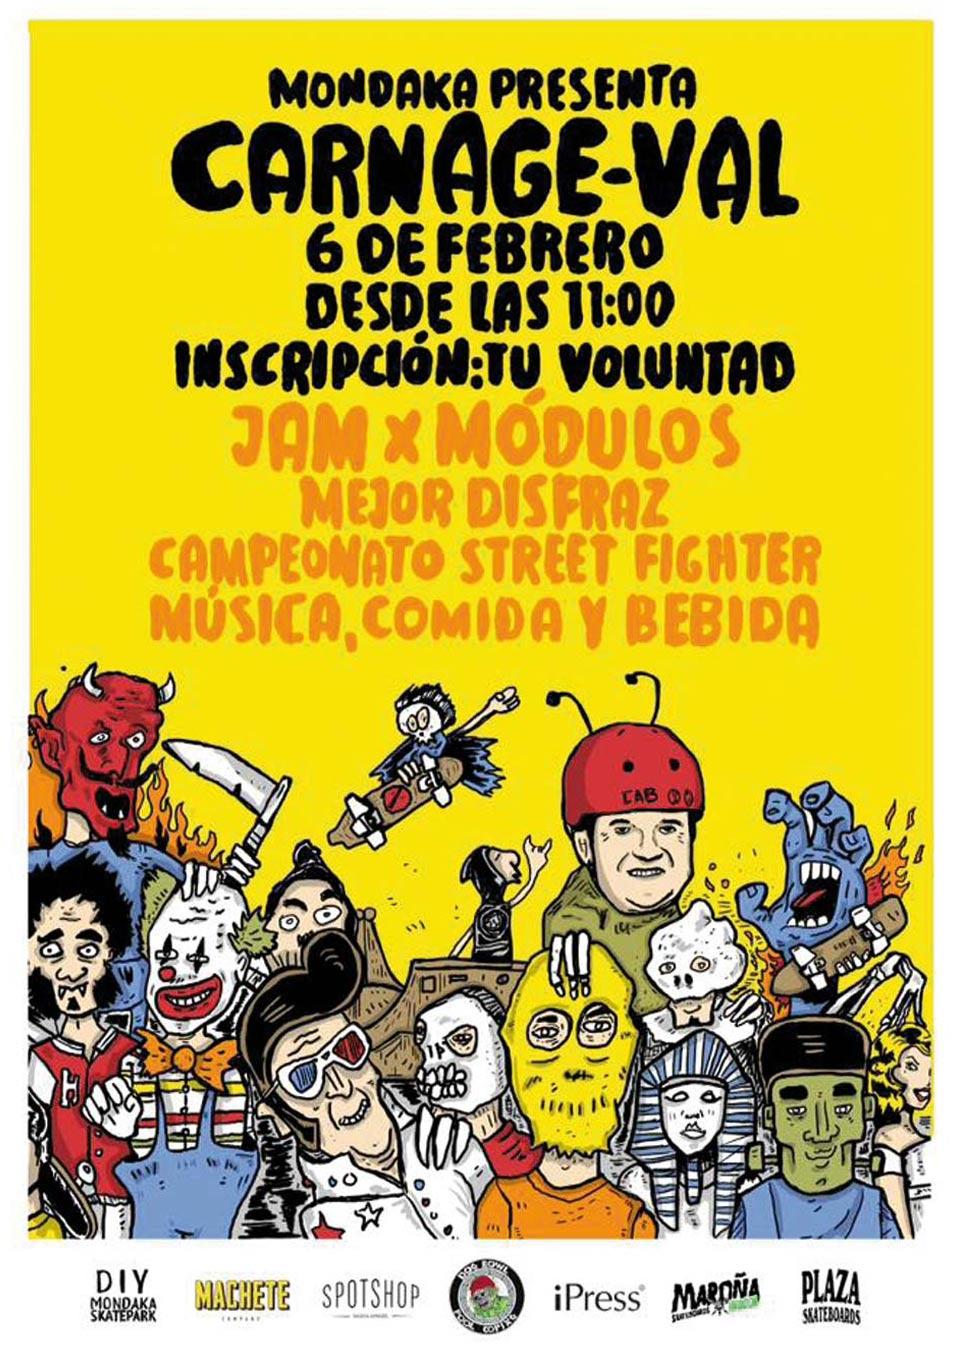 carnaval_mondaka12